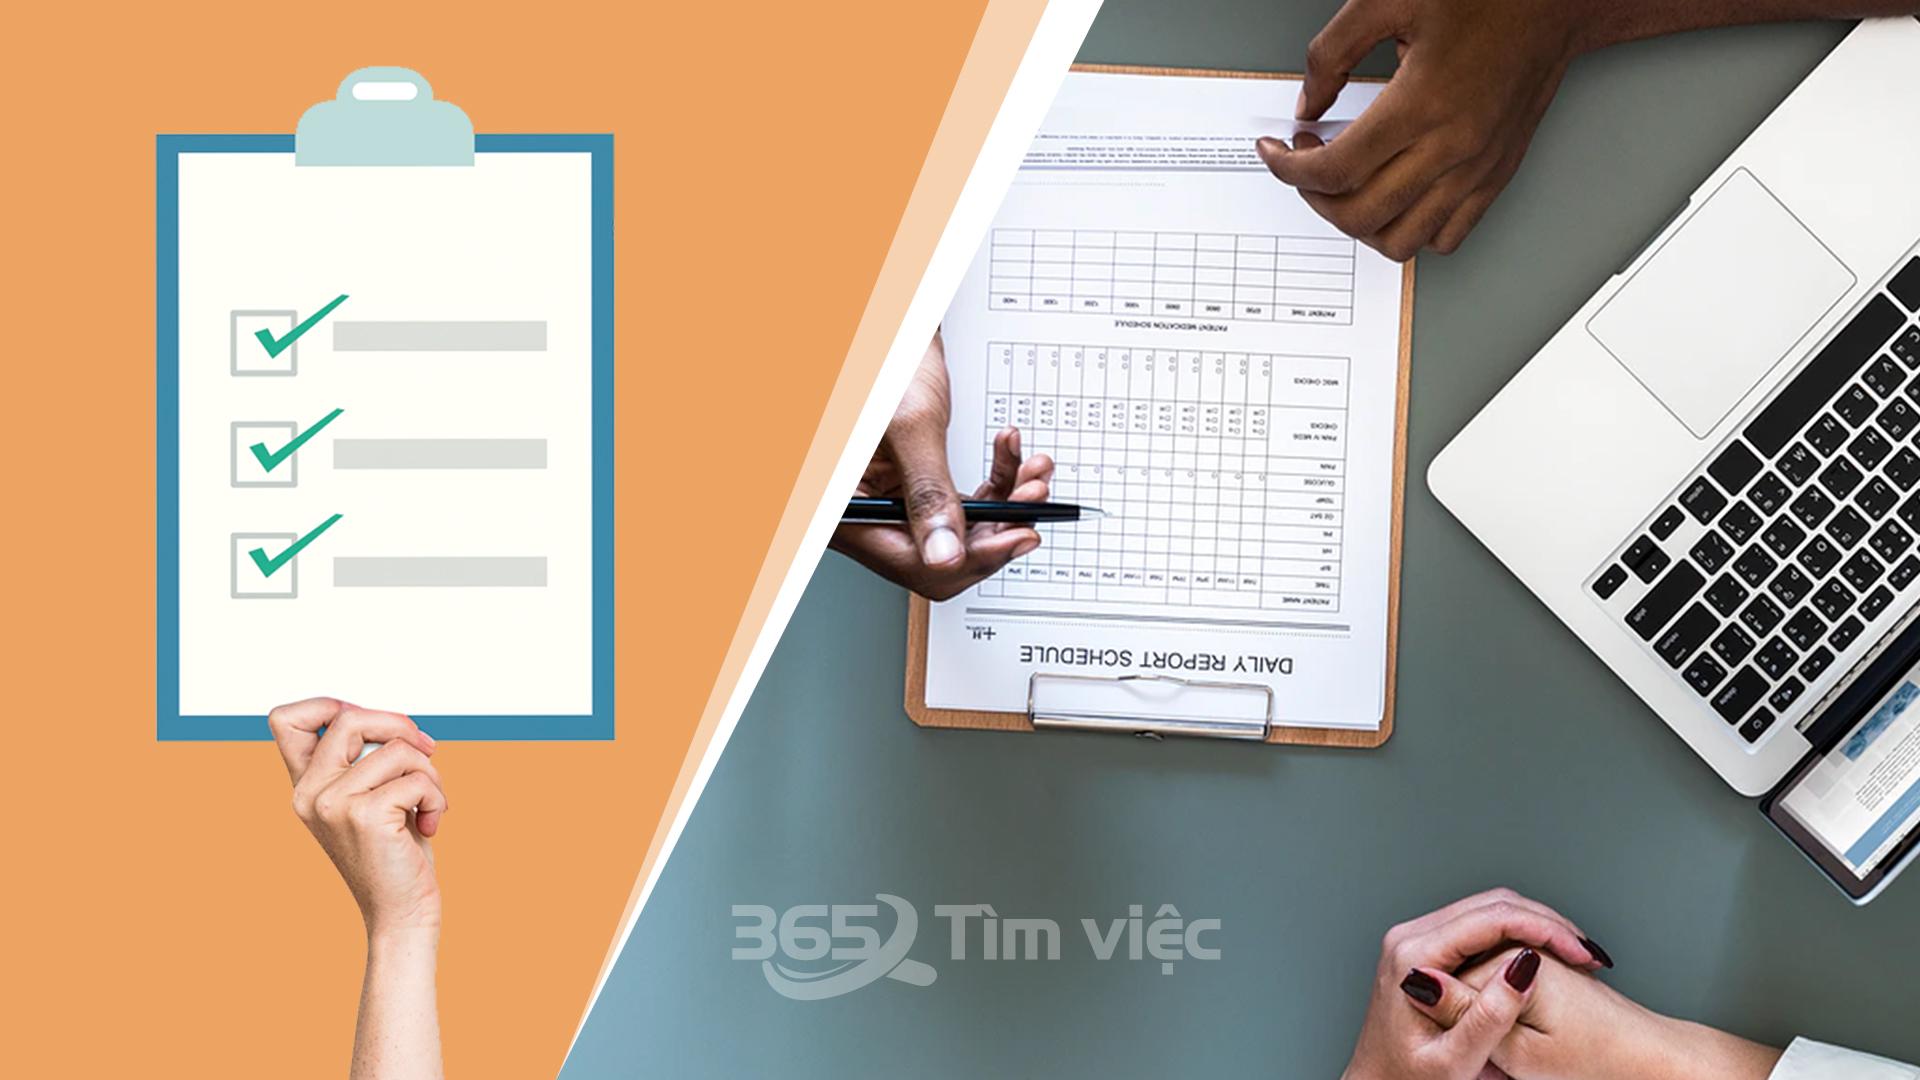 Hướng dẫn cách viết CV logistics manager độc đáo - ấn tượng